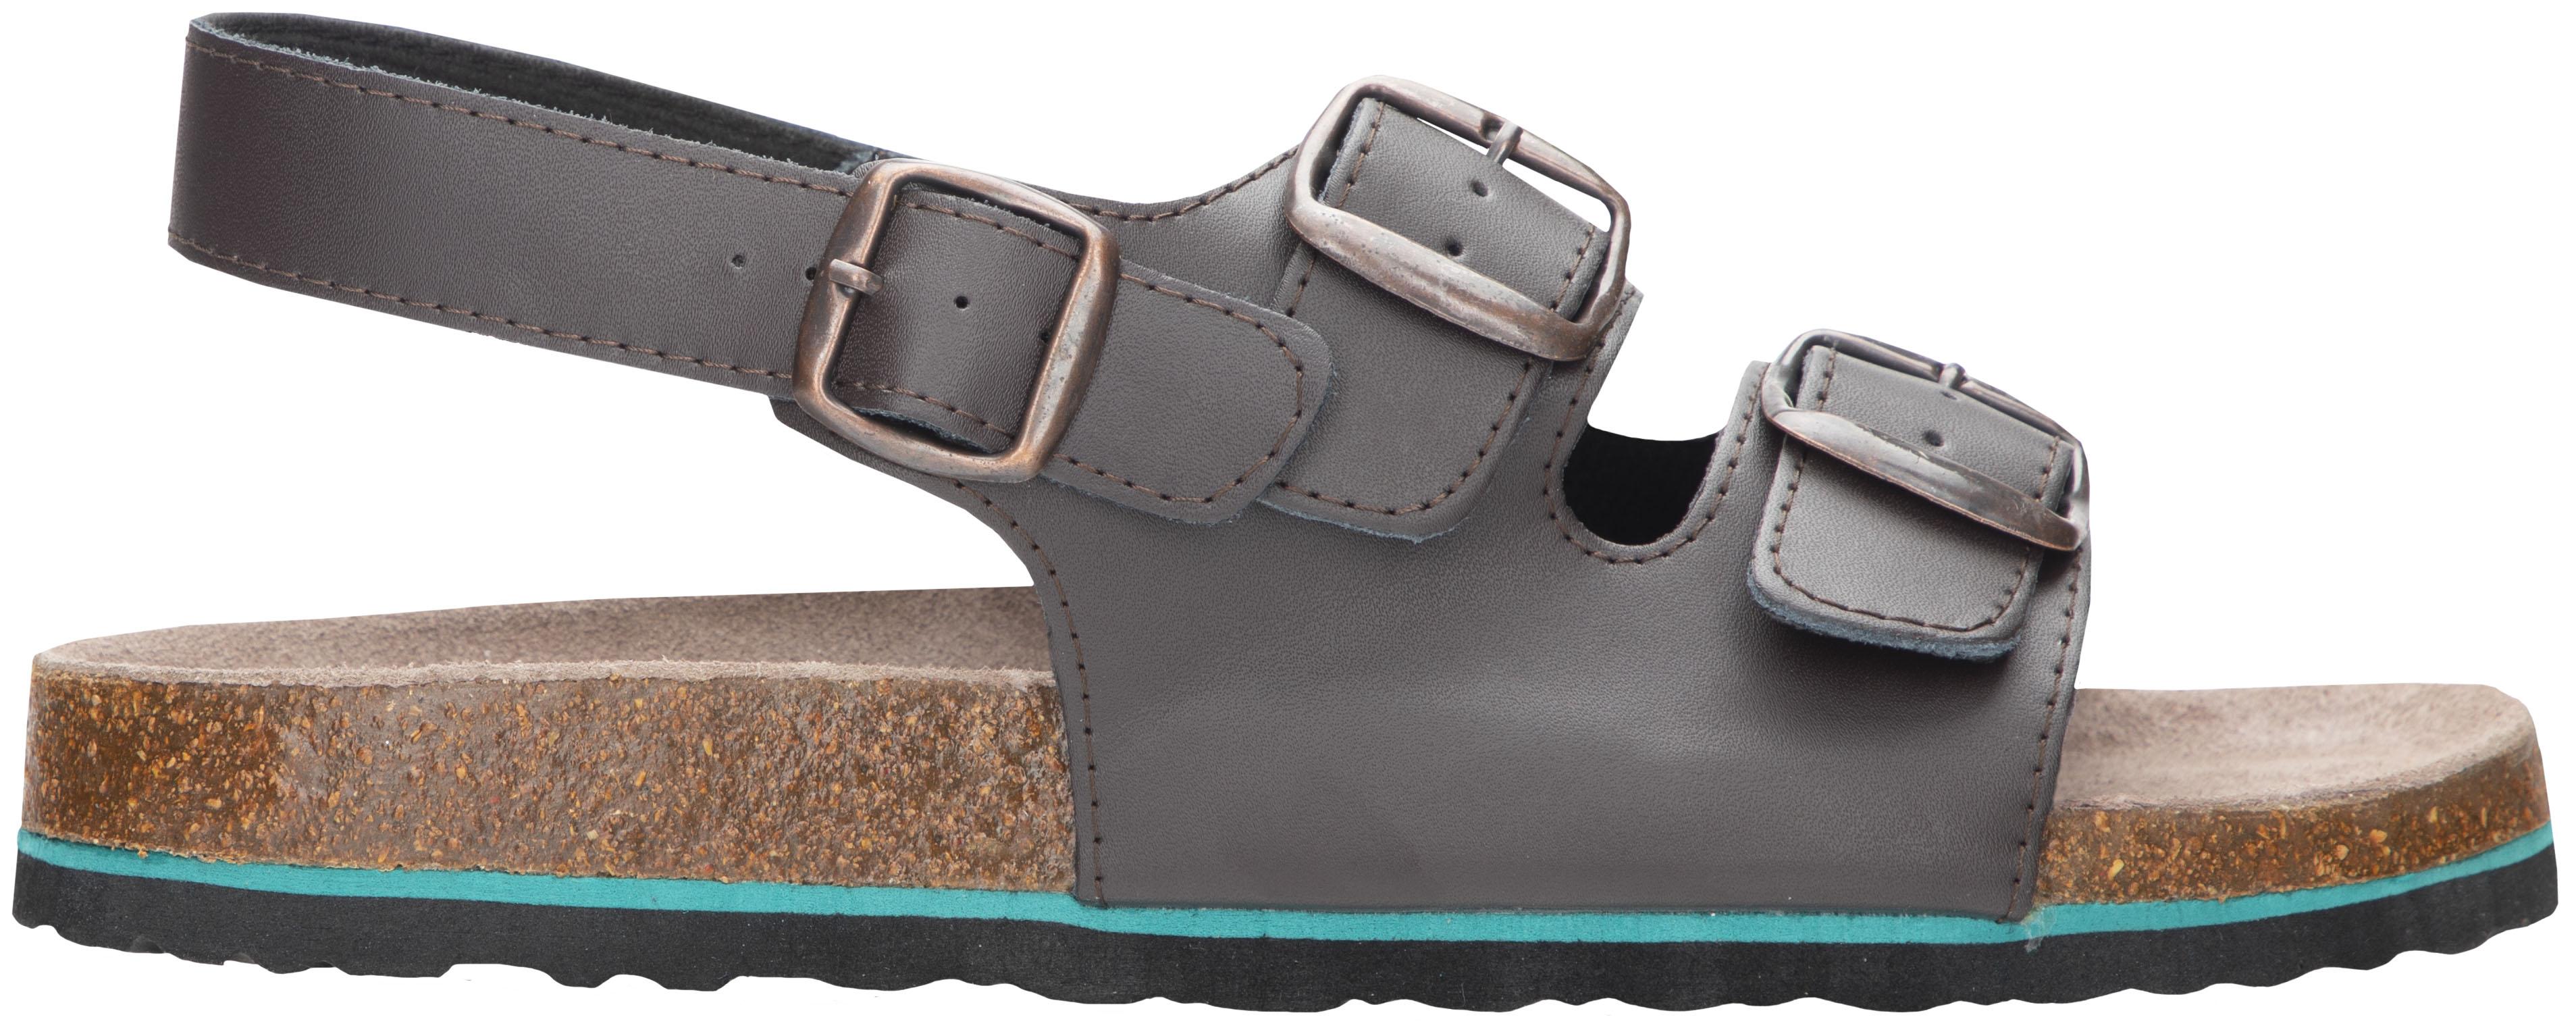 Sandál MERKUR hnědý 36